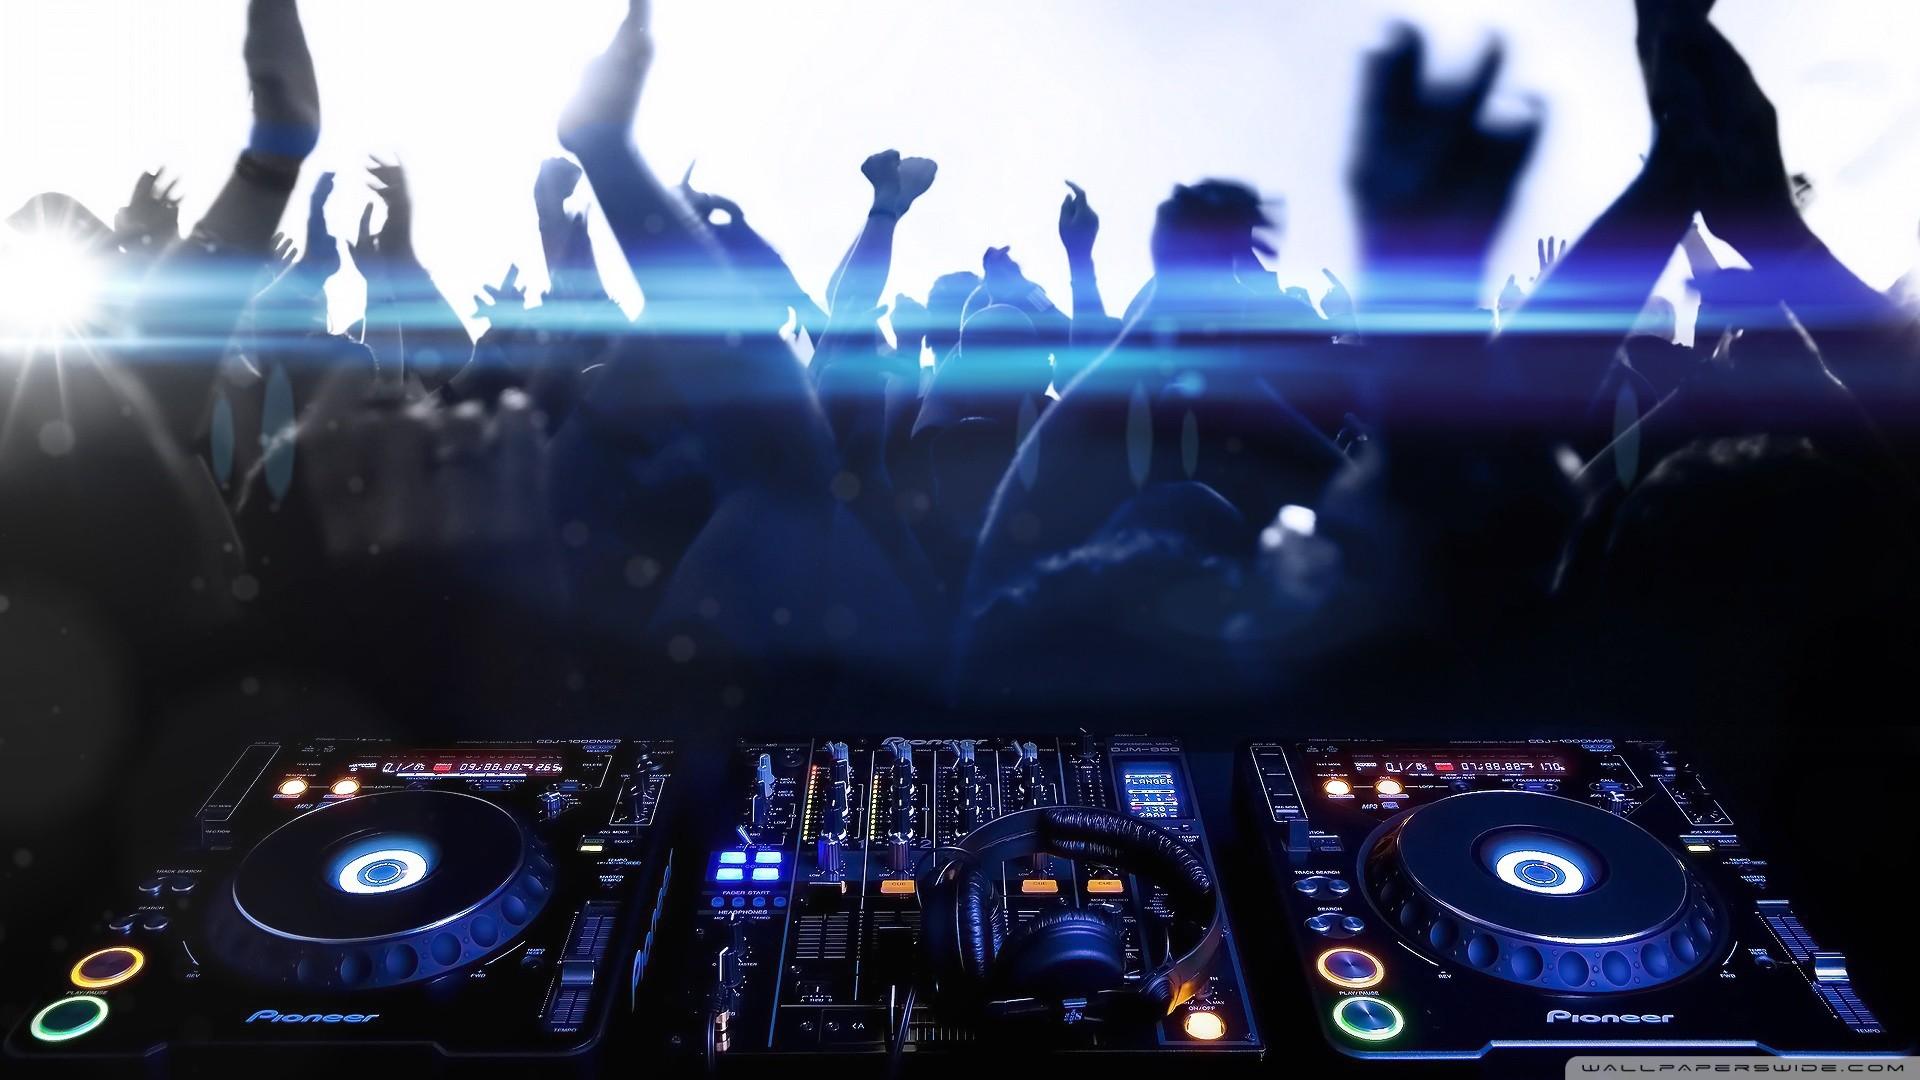 Pioneer DJ HD Wide Wallpaper for Widescreen